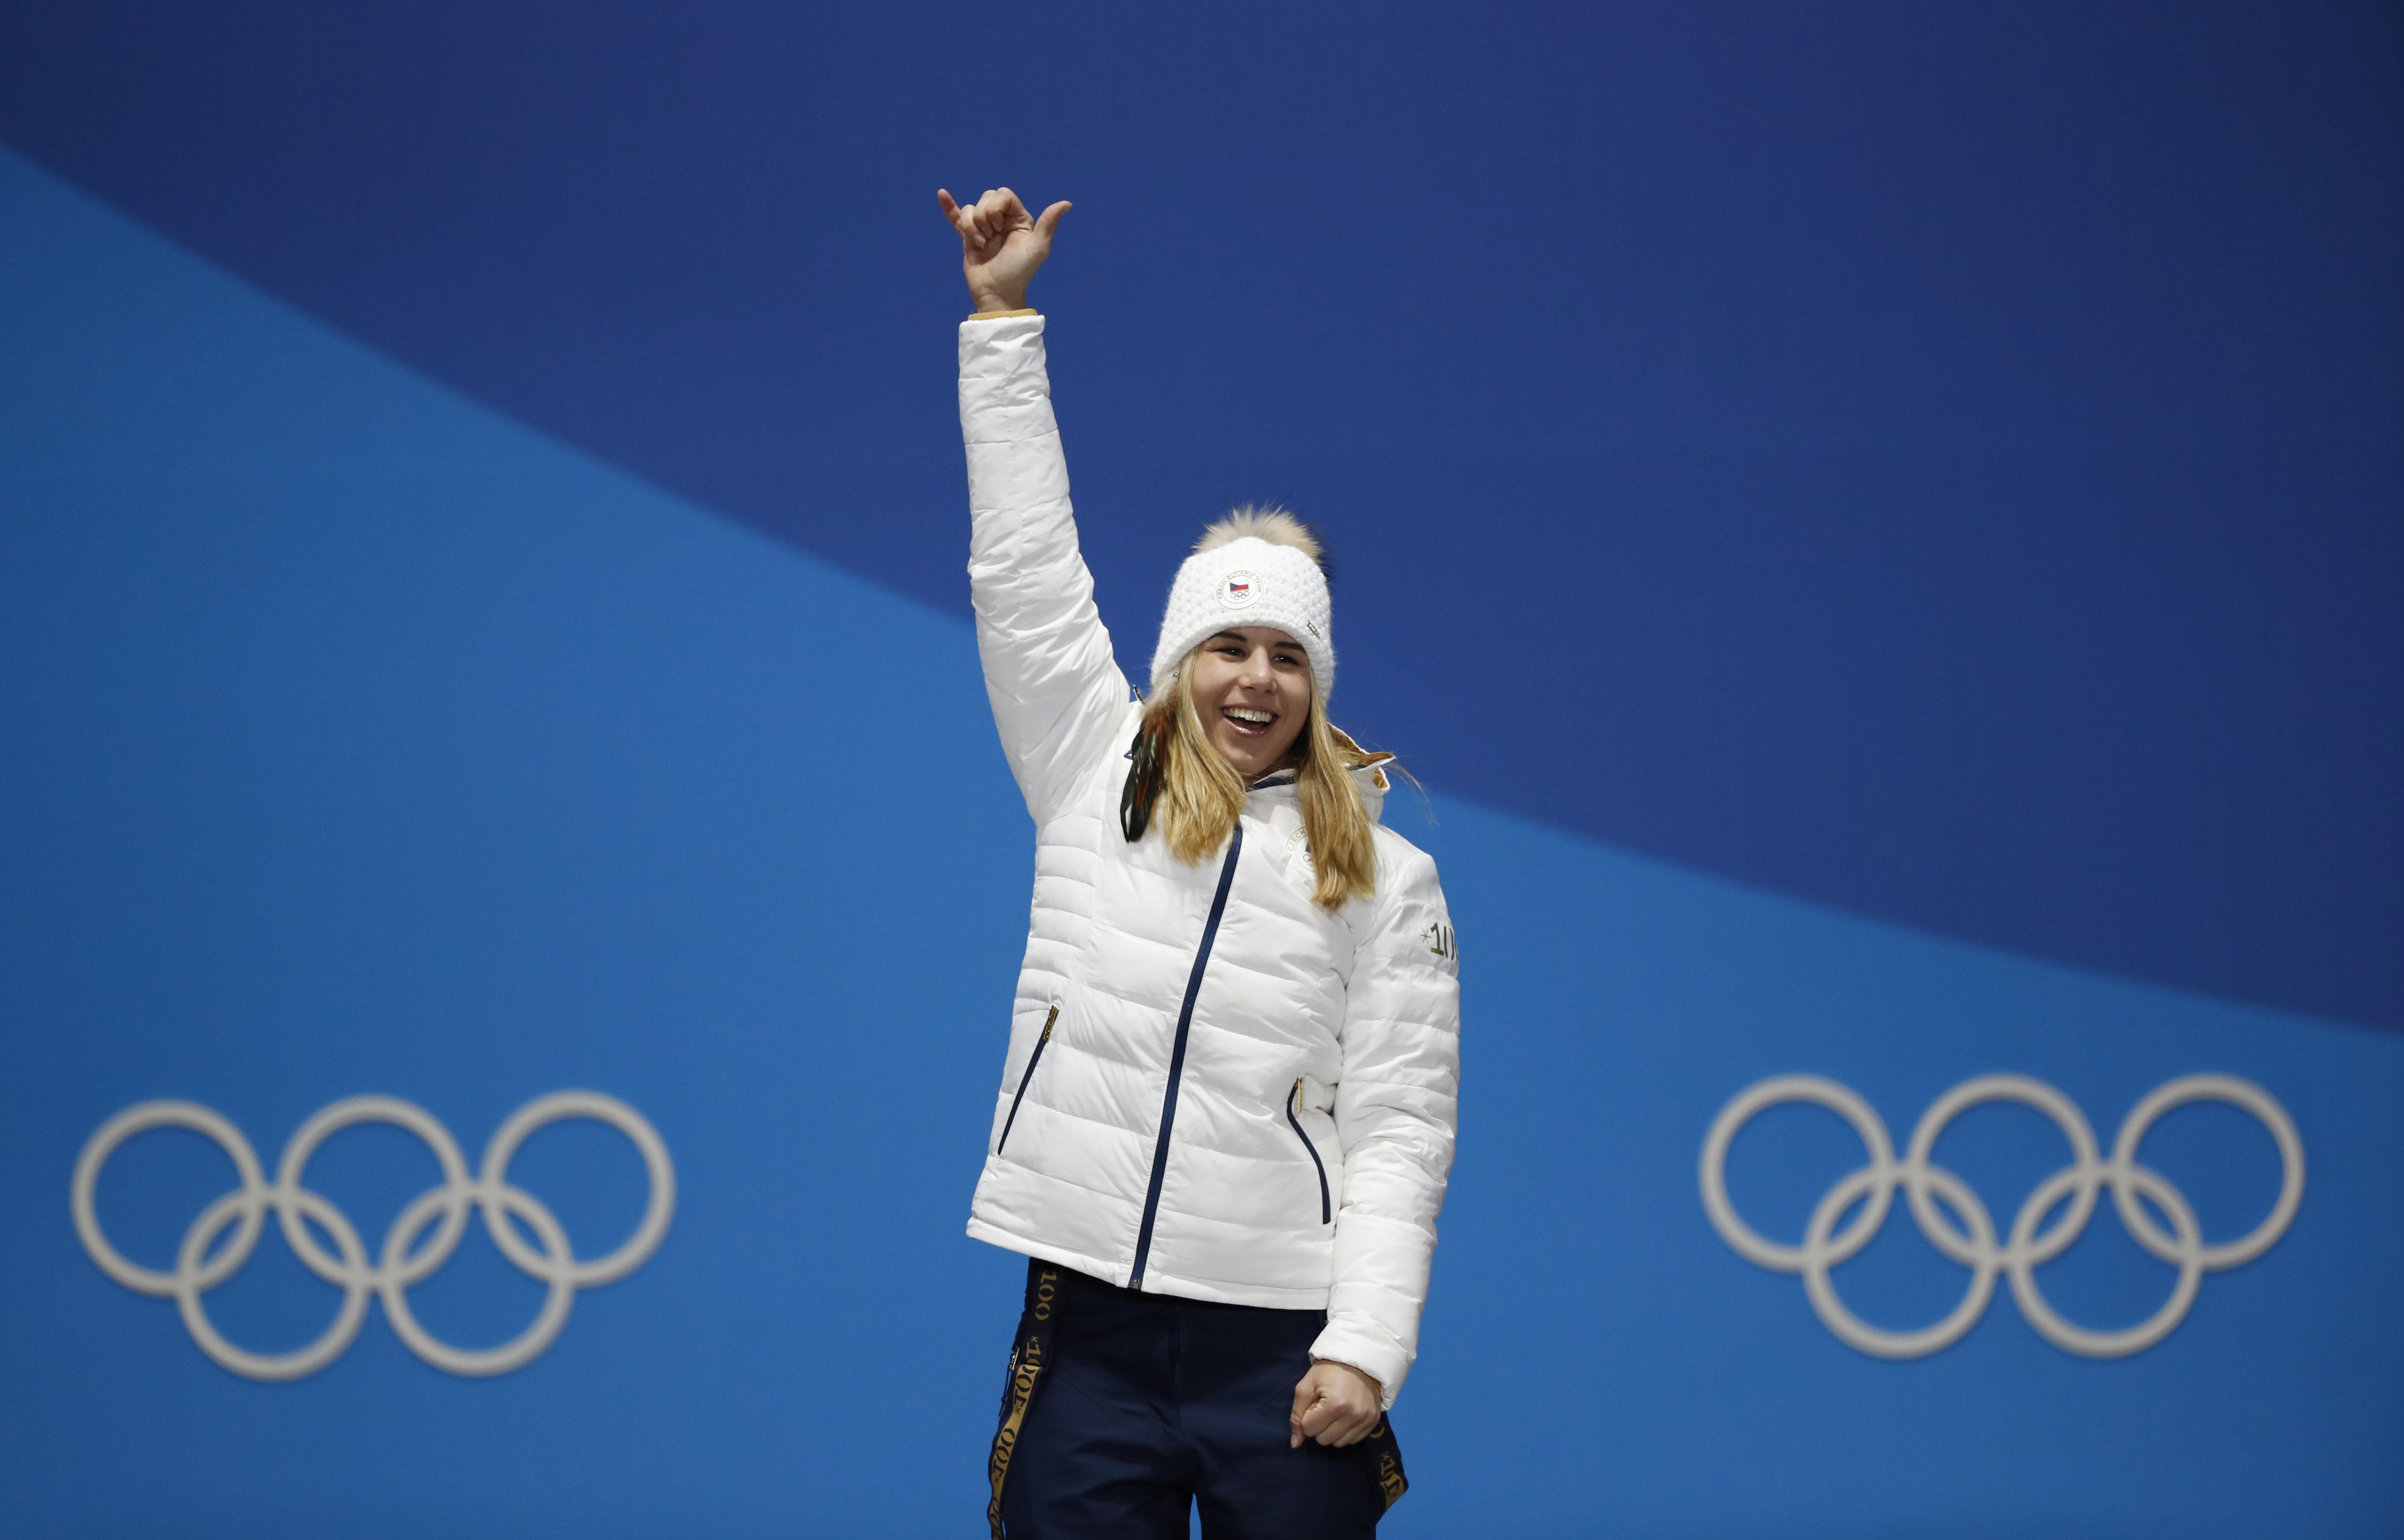 Jeux olympiques - Pyeongchang 2018 - Avec Ester Ledecka, le monde du ski change d'ère